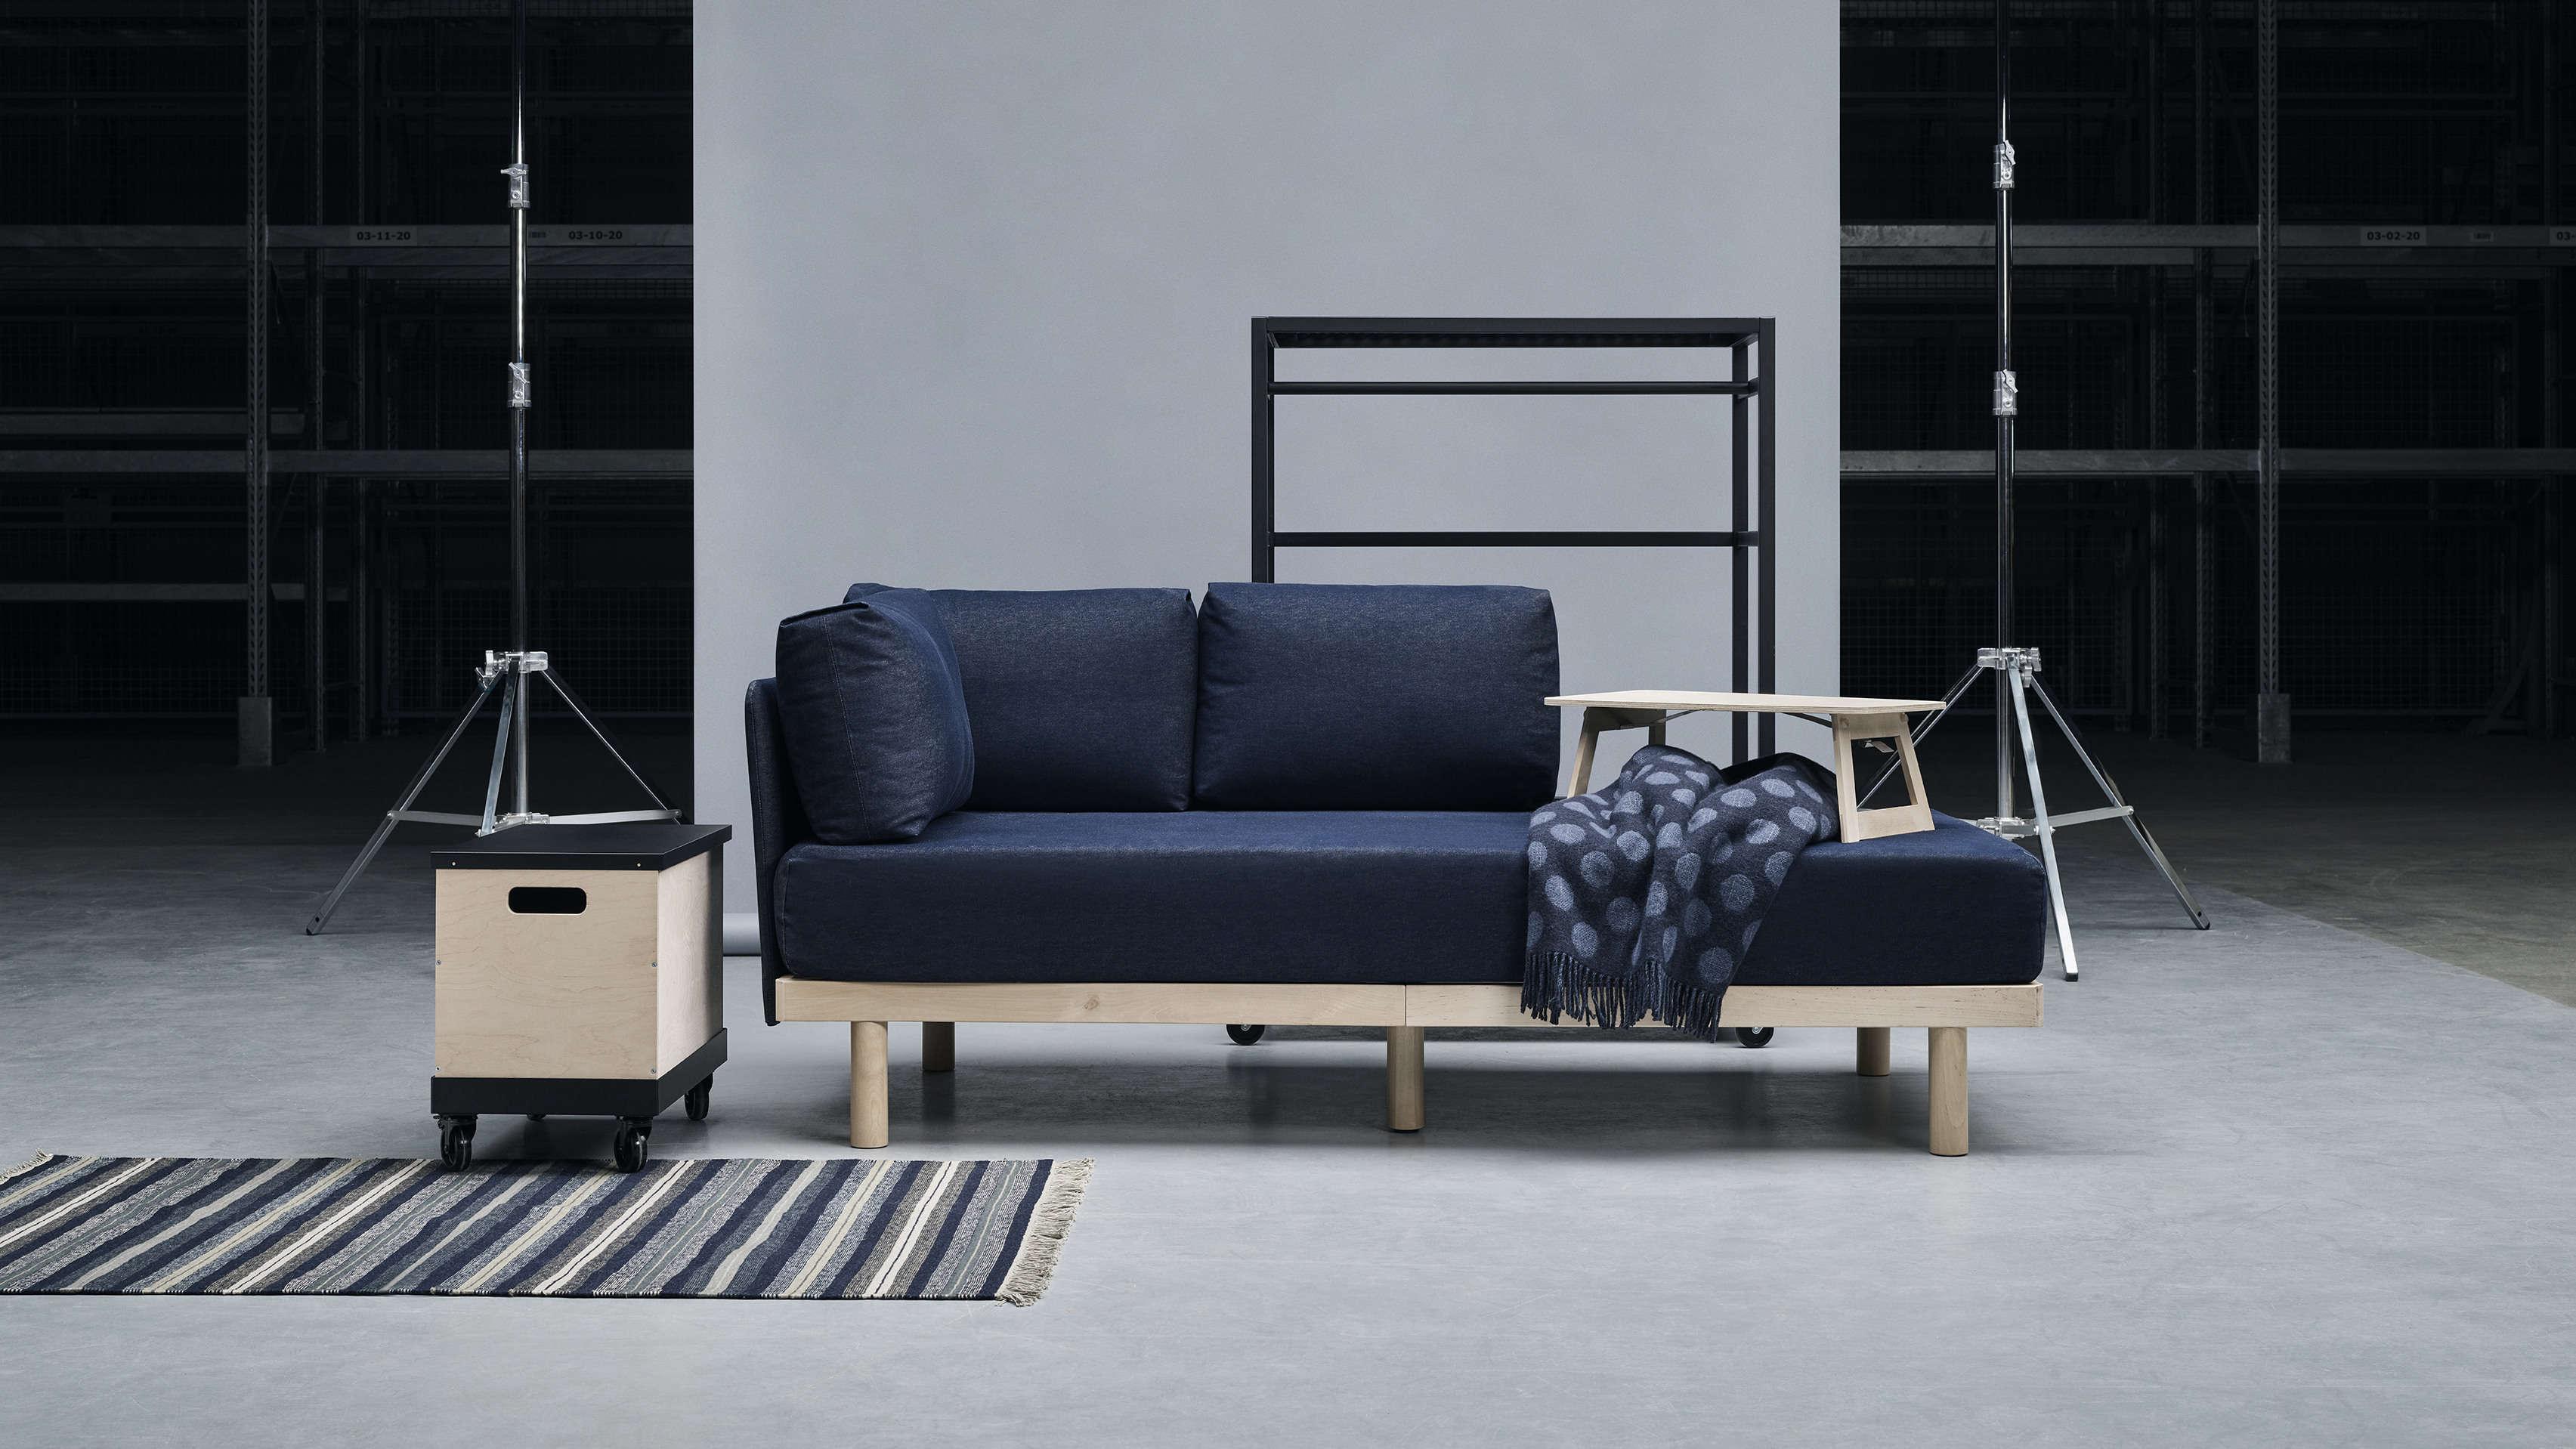 Ikea's Ravaror collection